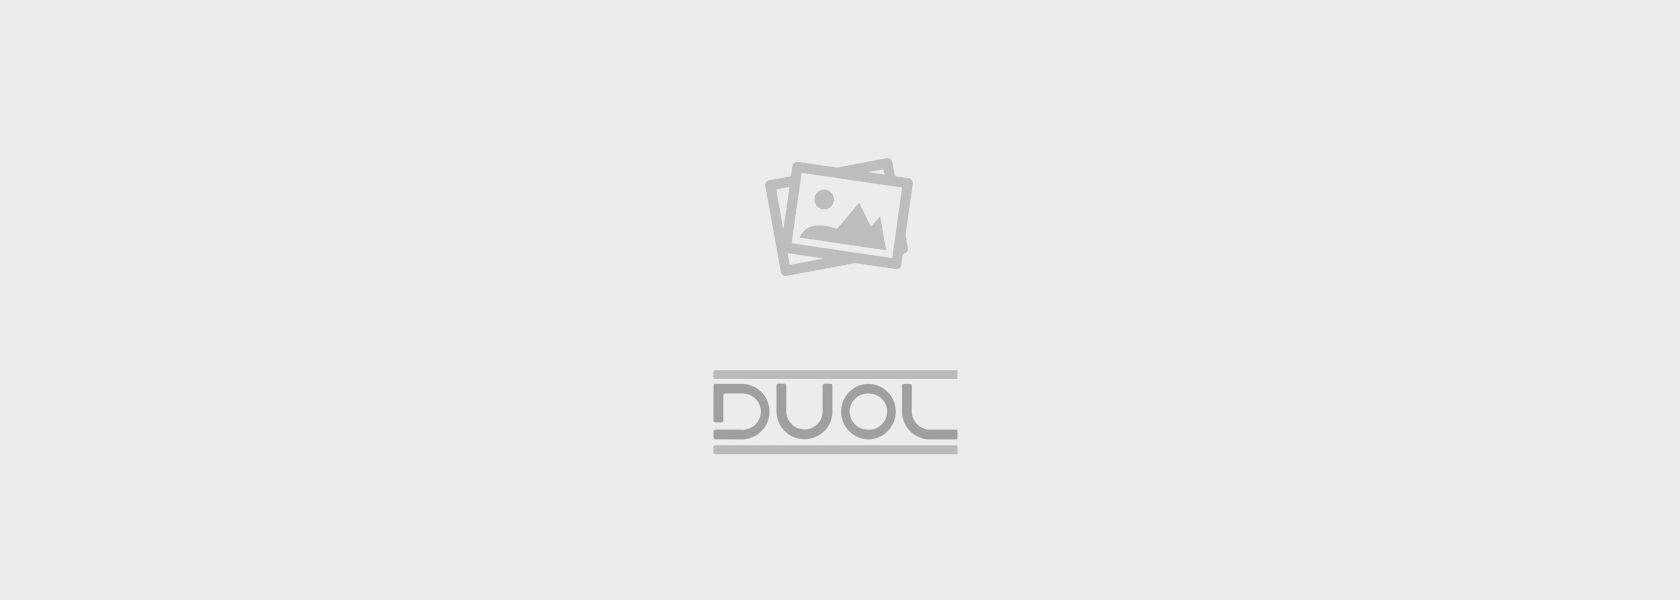 Les Structures Gonflables DUOL  dans le domaine événementiel